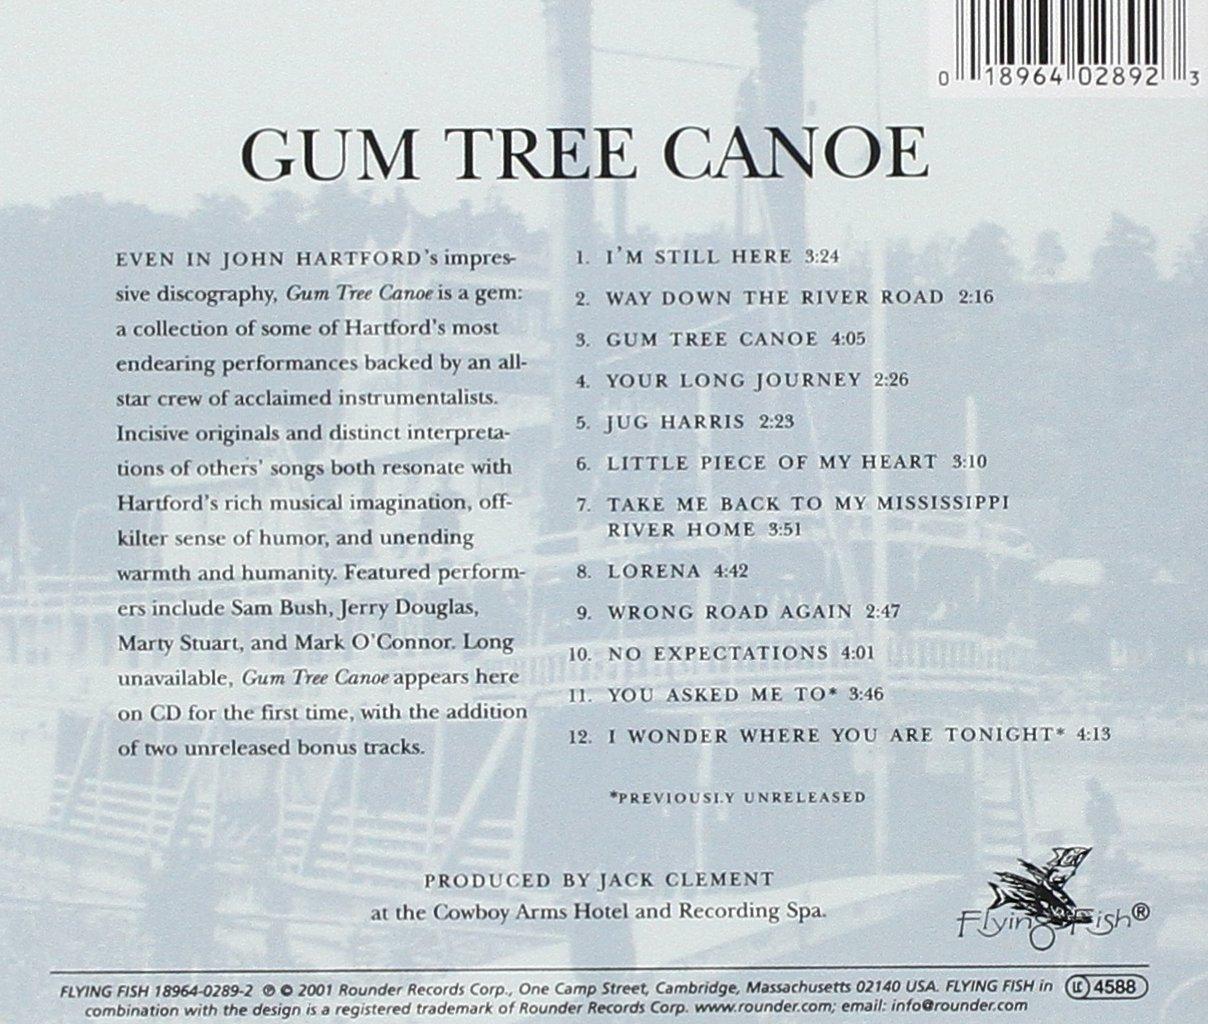 Gum Tree Canoe